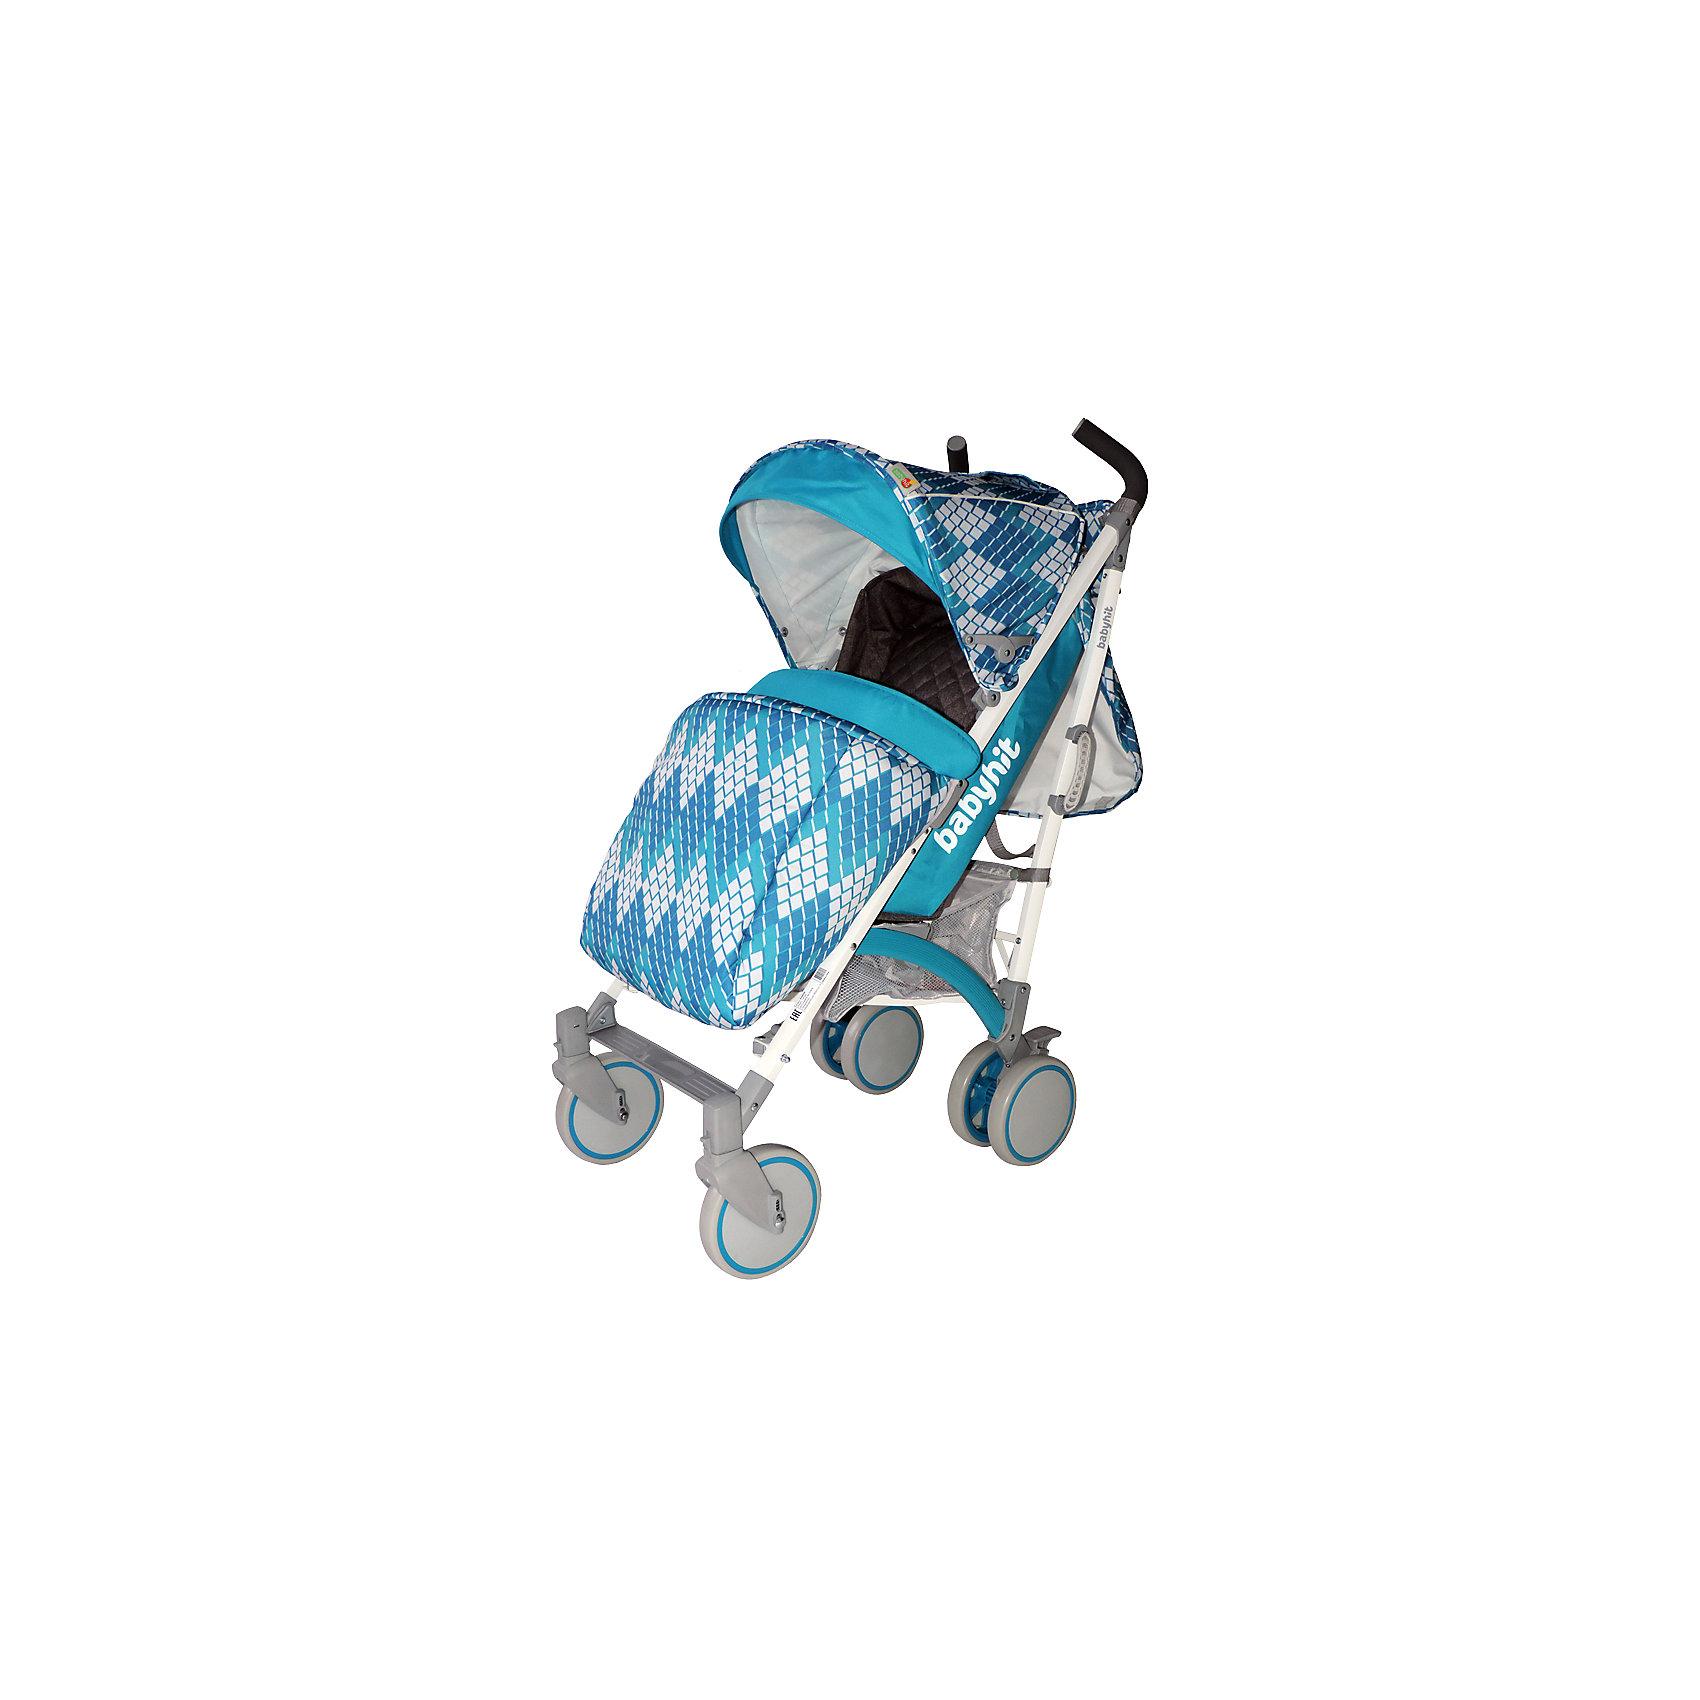 кукольная коляска трость 35 5 24 5 52 см fei li toys Baby Hit Коляска-трость Rainbow RHOMBUS, Baby Hit, голубой